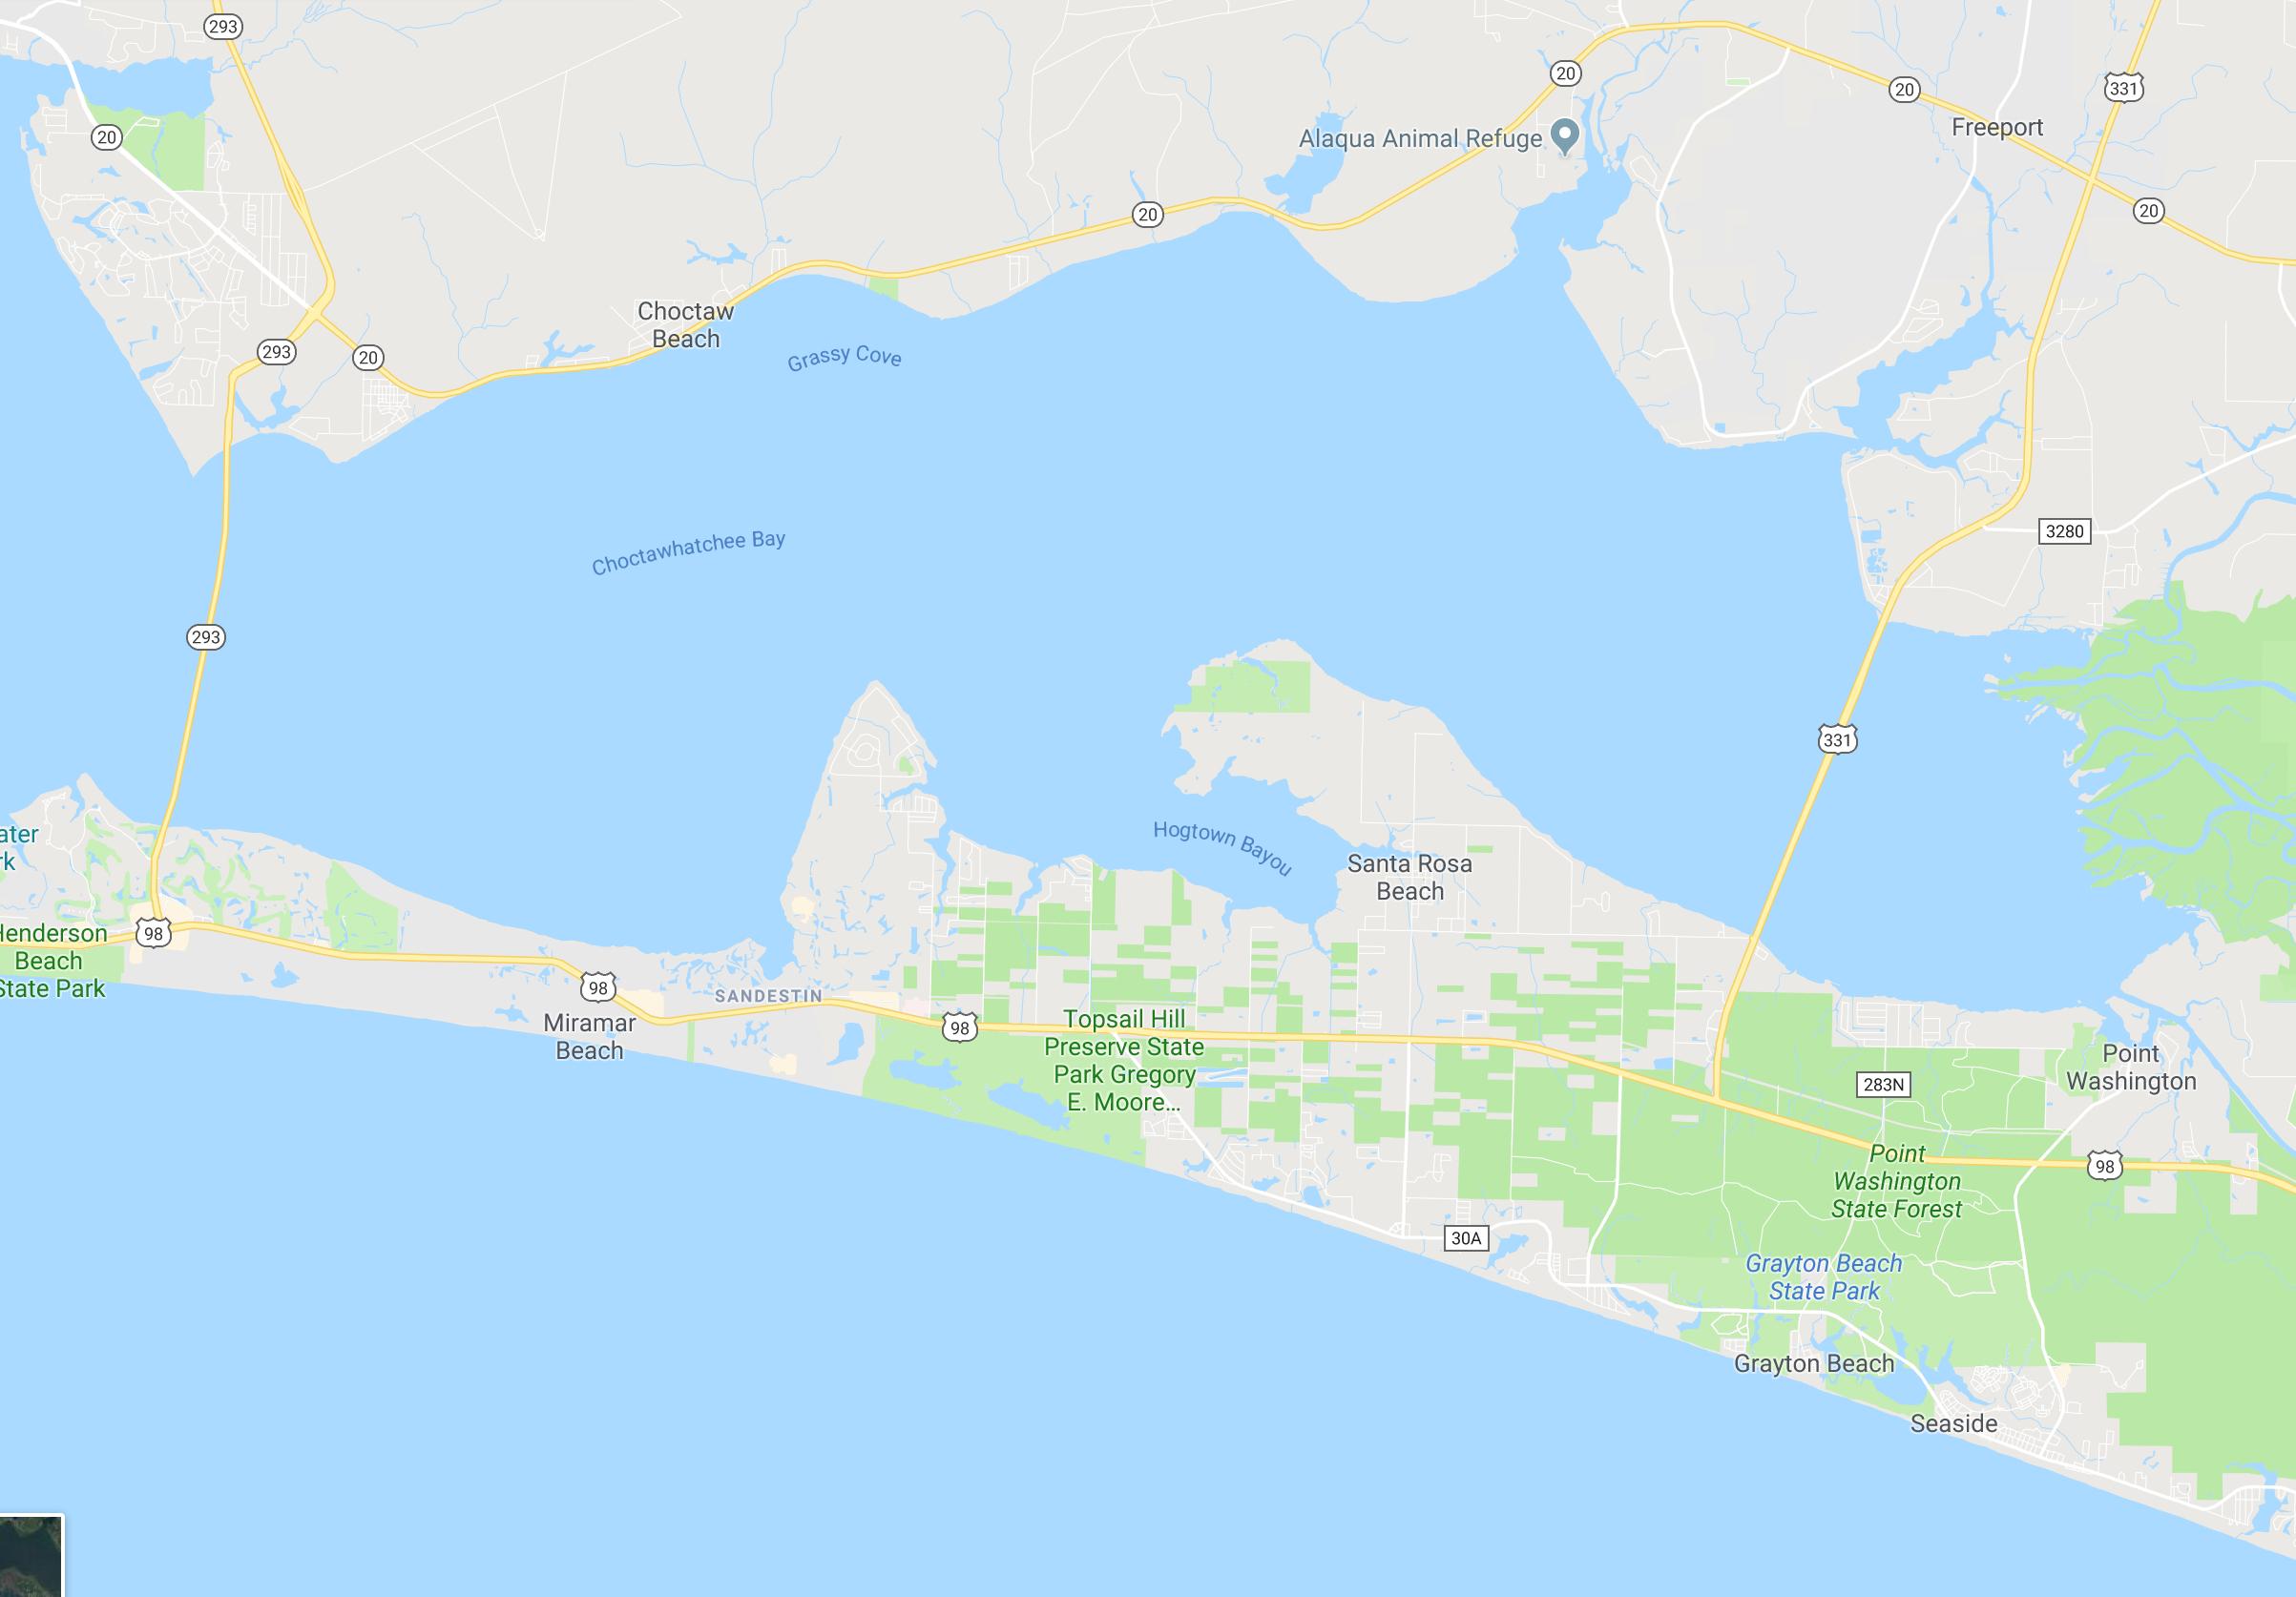 Somers & Company | Scenic 30A And Destin, Fl Real Estate - Google Maps Destin Florida